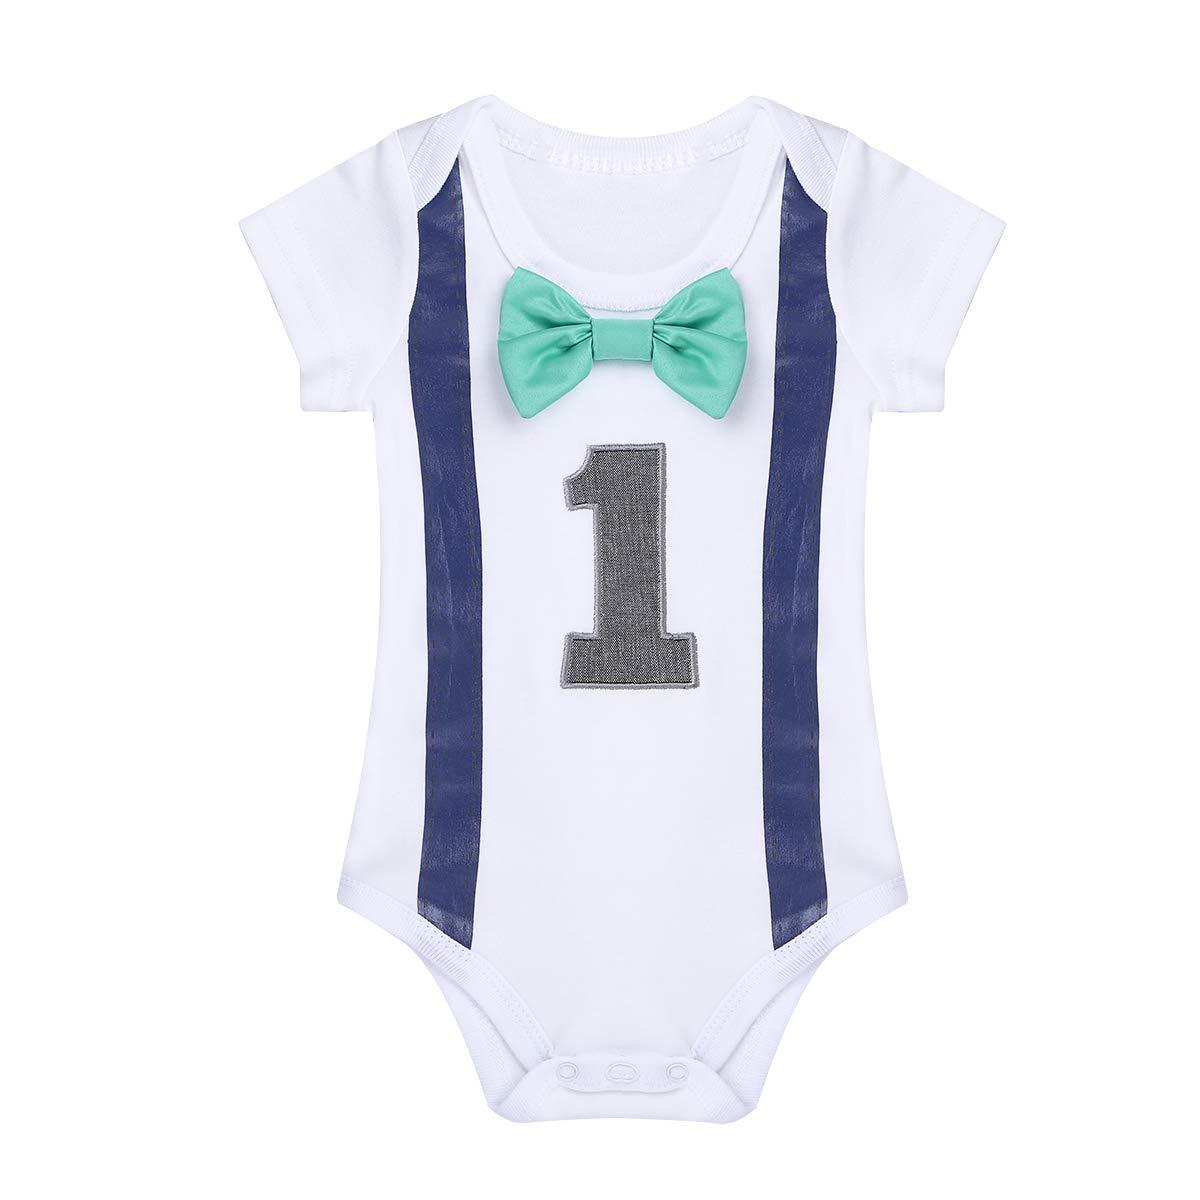 Tiaobug Baby Strampler mit Aufdruck Body weiß Kurzarm Anzug Hemd Fliege Hosenträger Overall 1 Jahr Erster Geburtstag